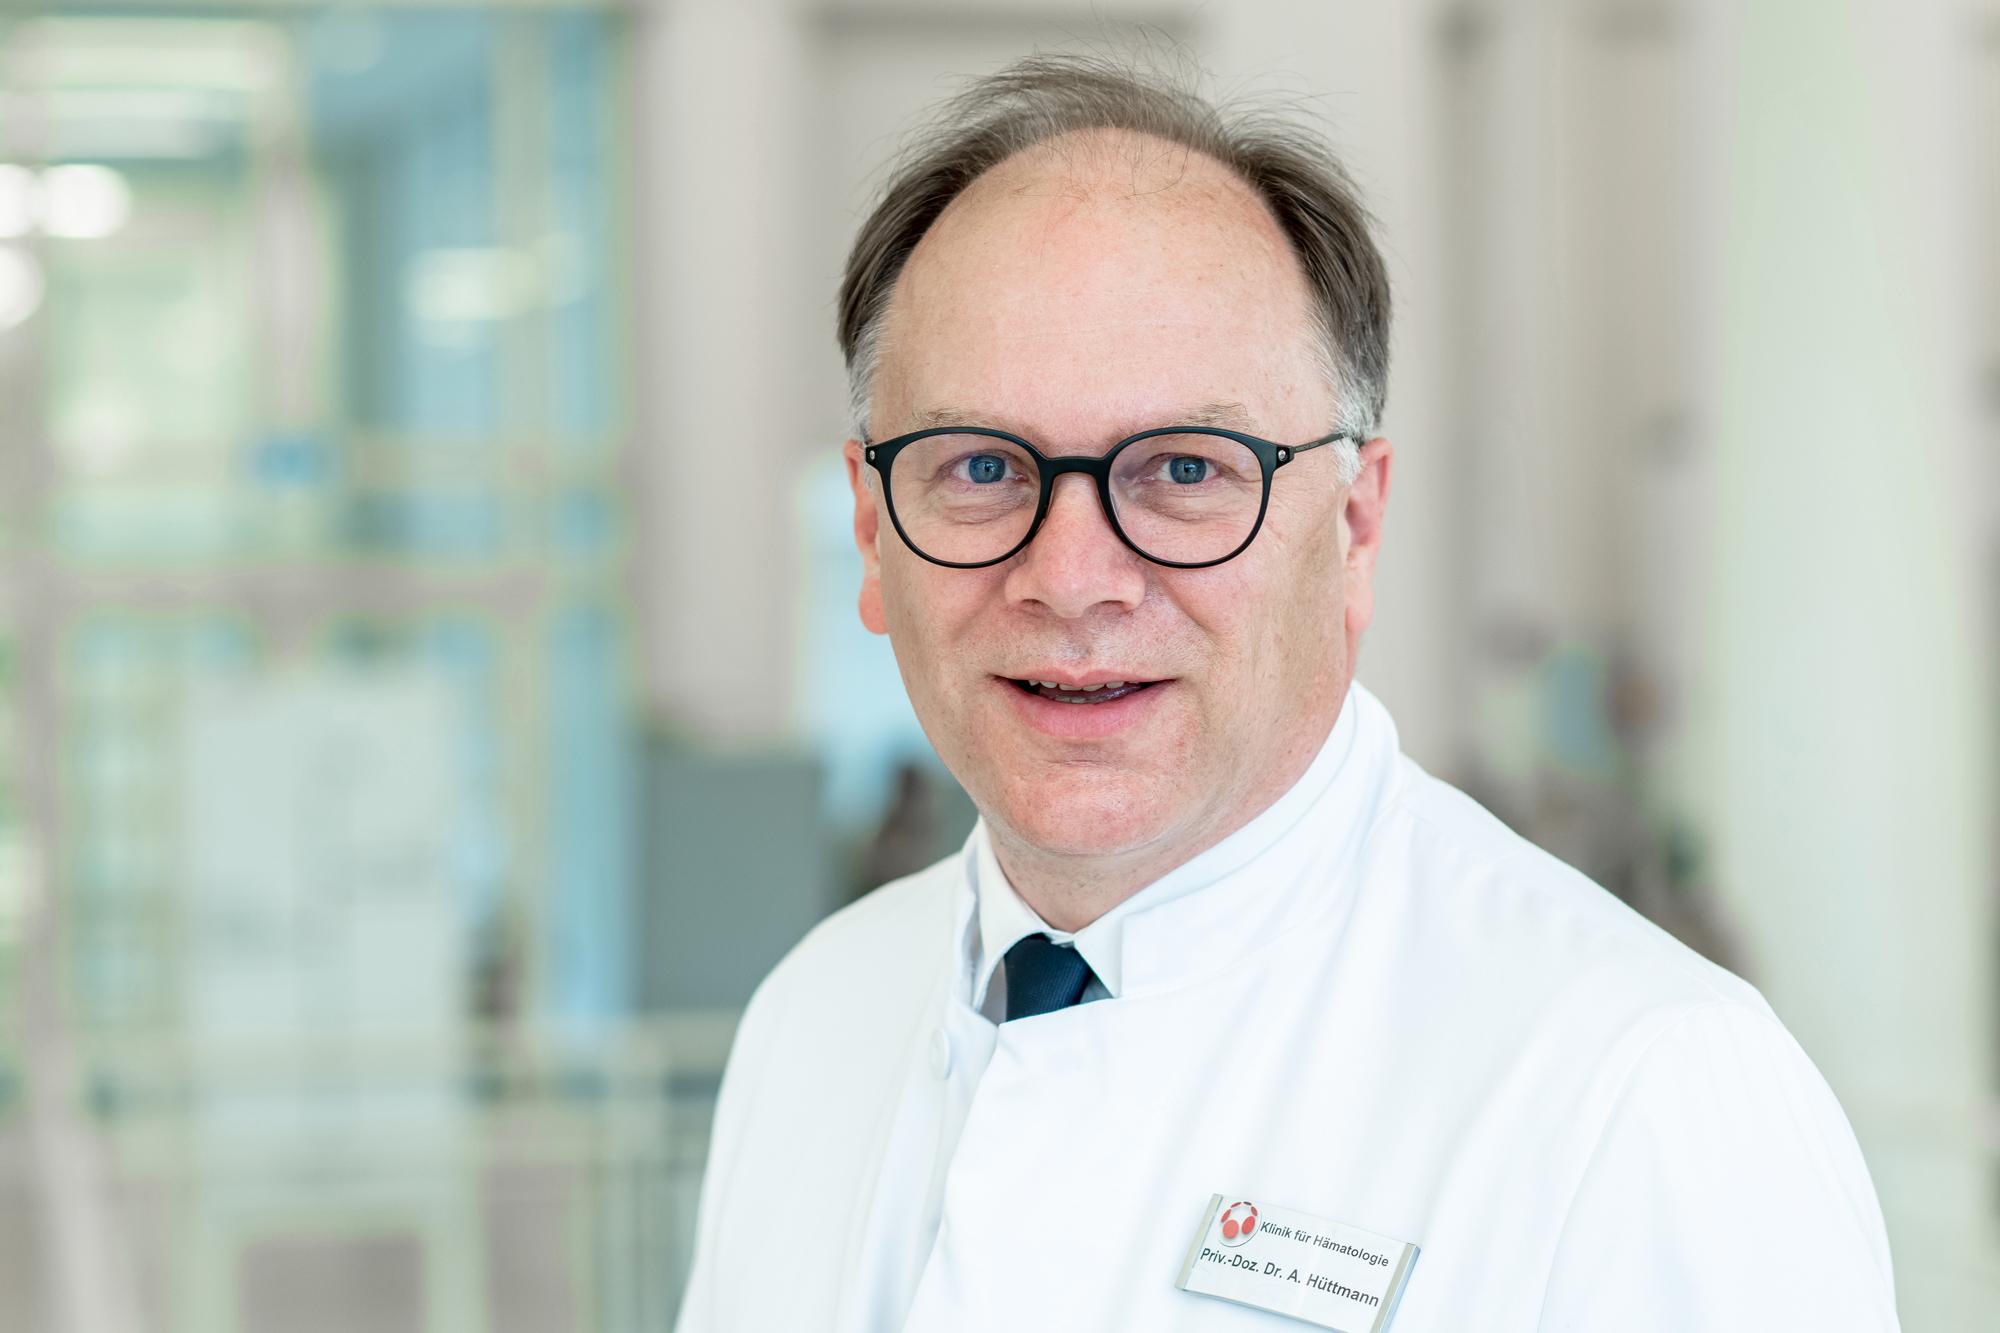 PD Dr. med. Andreas Hüttmann